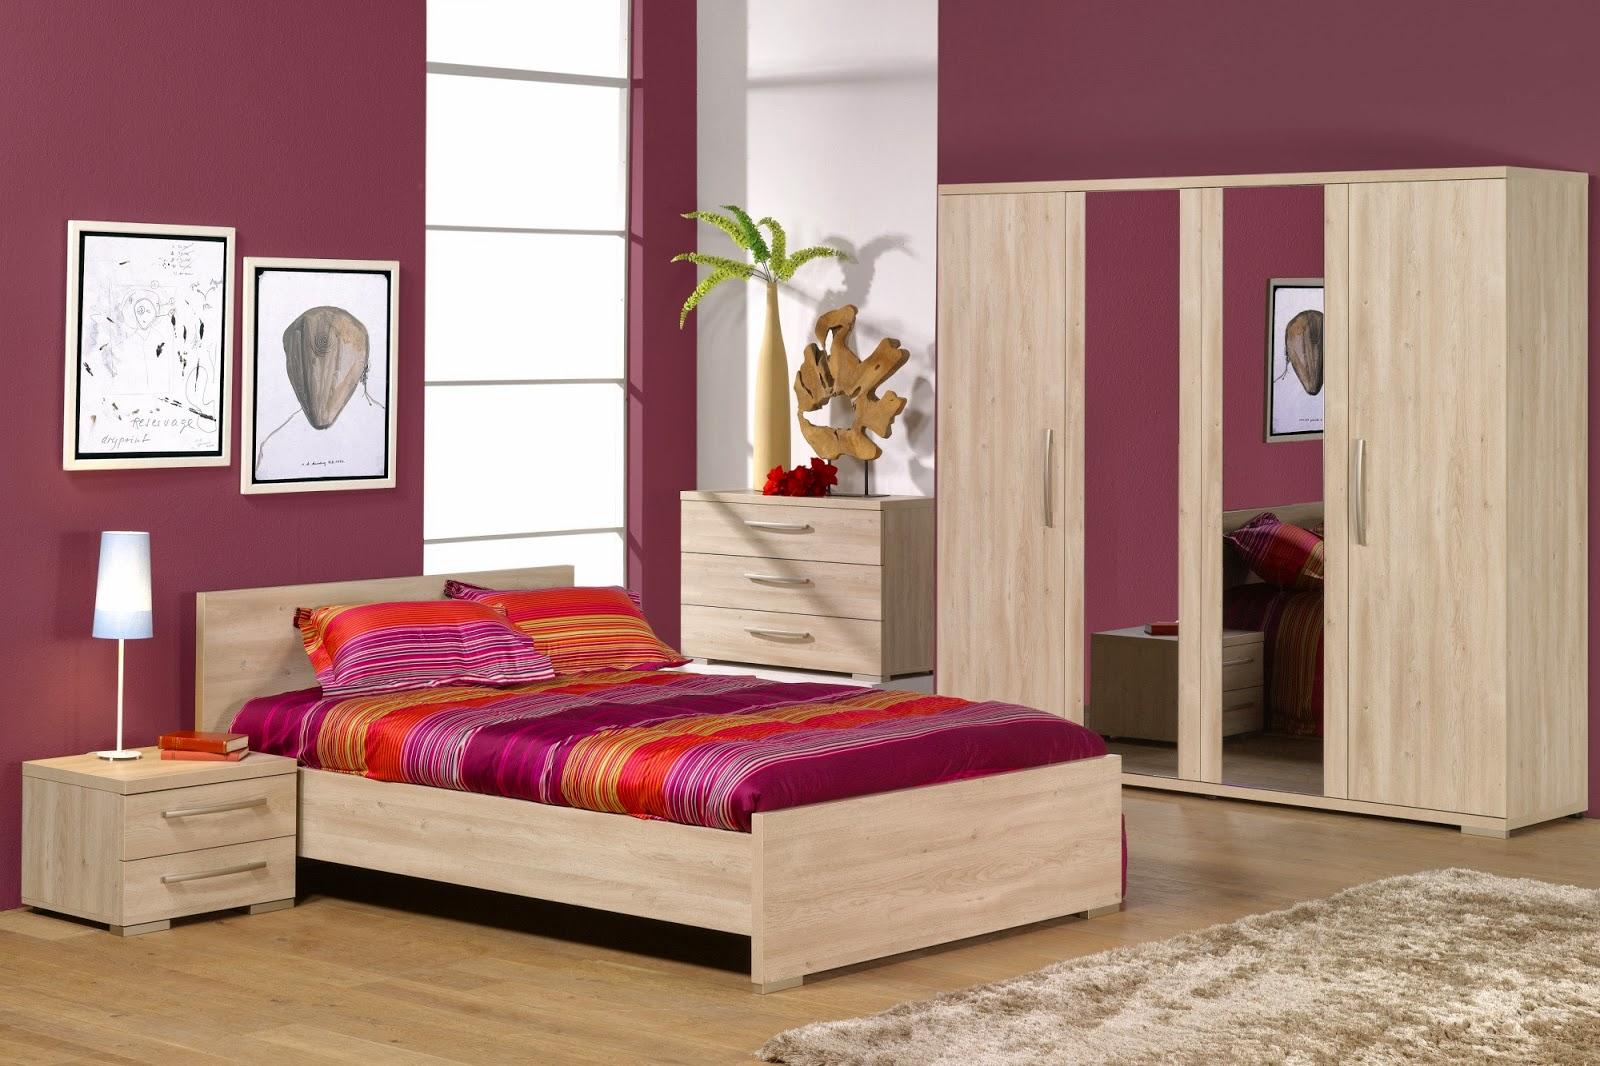 dco petite chambre latest deco petite chambre fille idee deco petite chambre ado fille. Black Bedroom Furniture Sets. Home Design Ideas